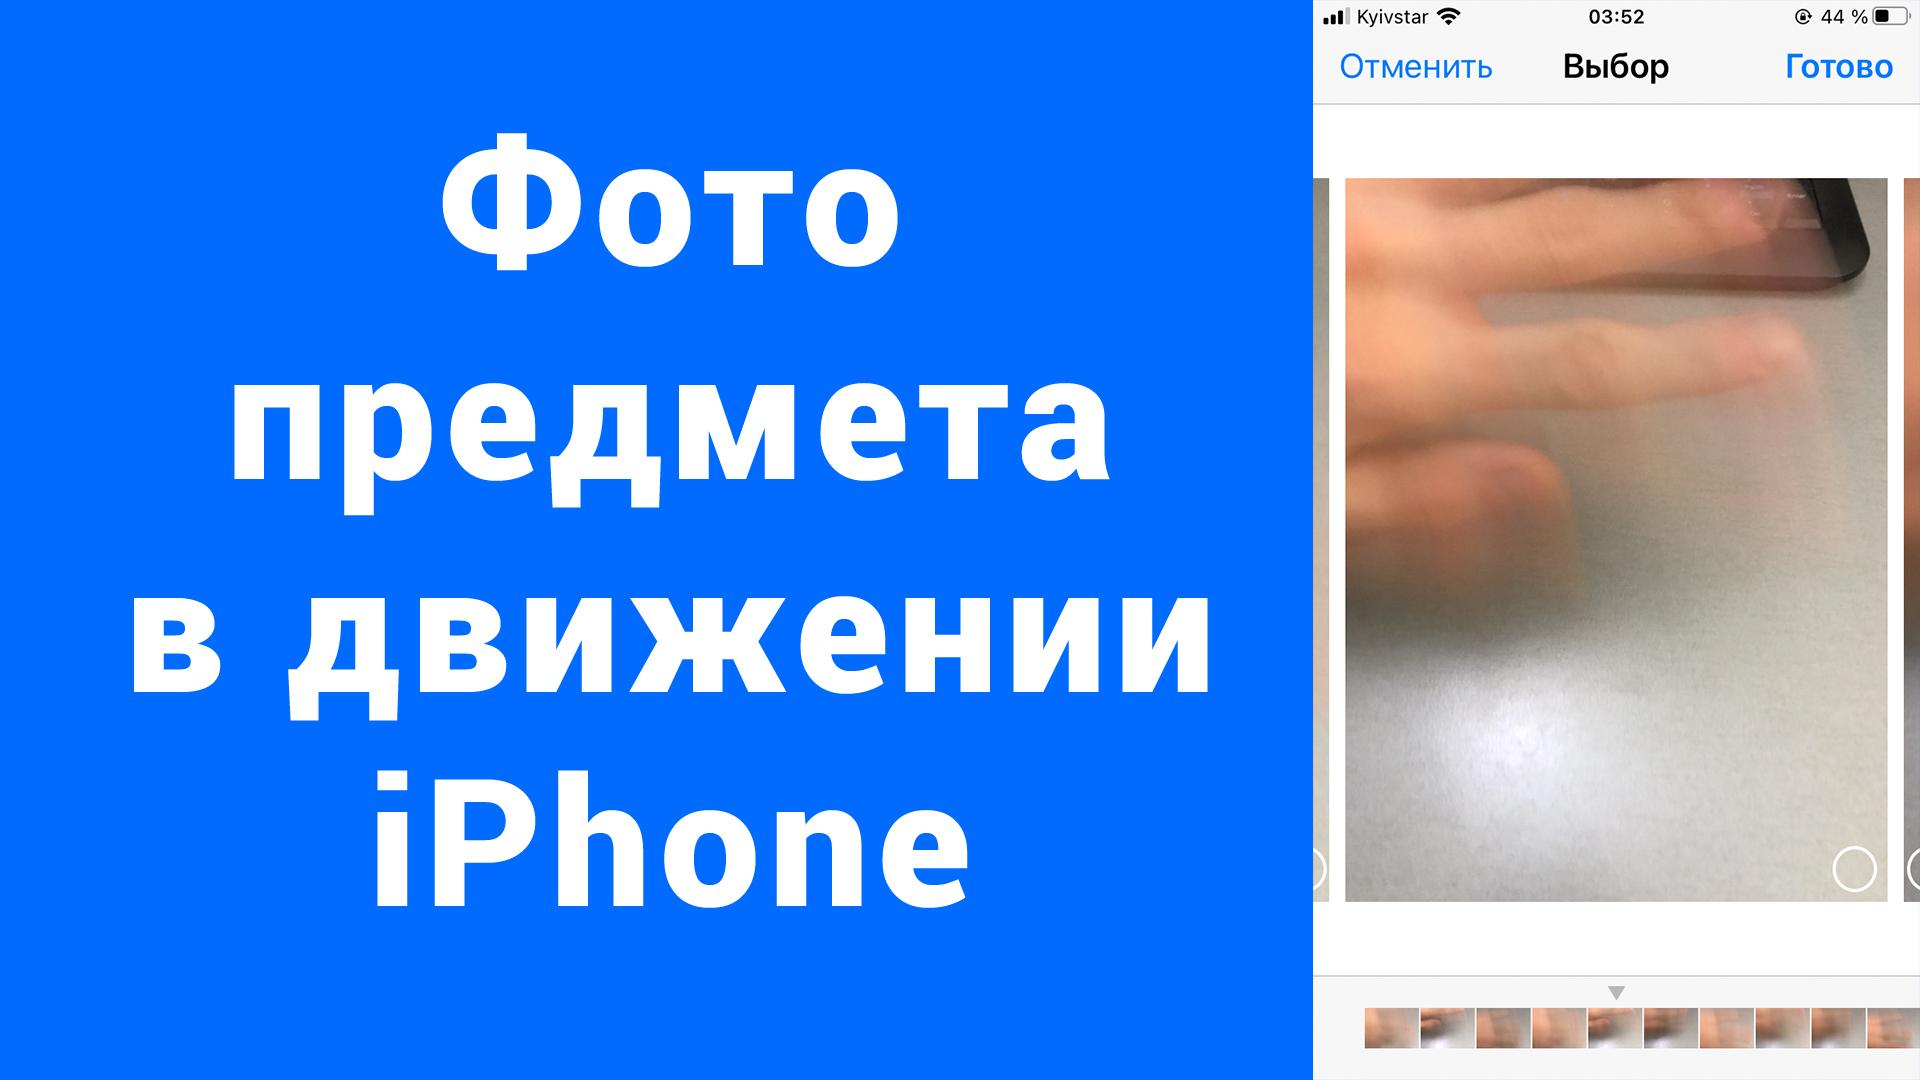 Как сфотографировать человека в прыжке на iPhone (в движении)